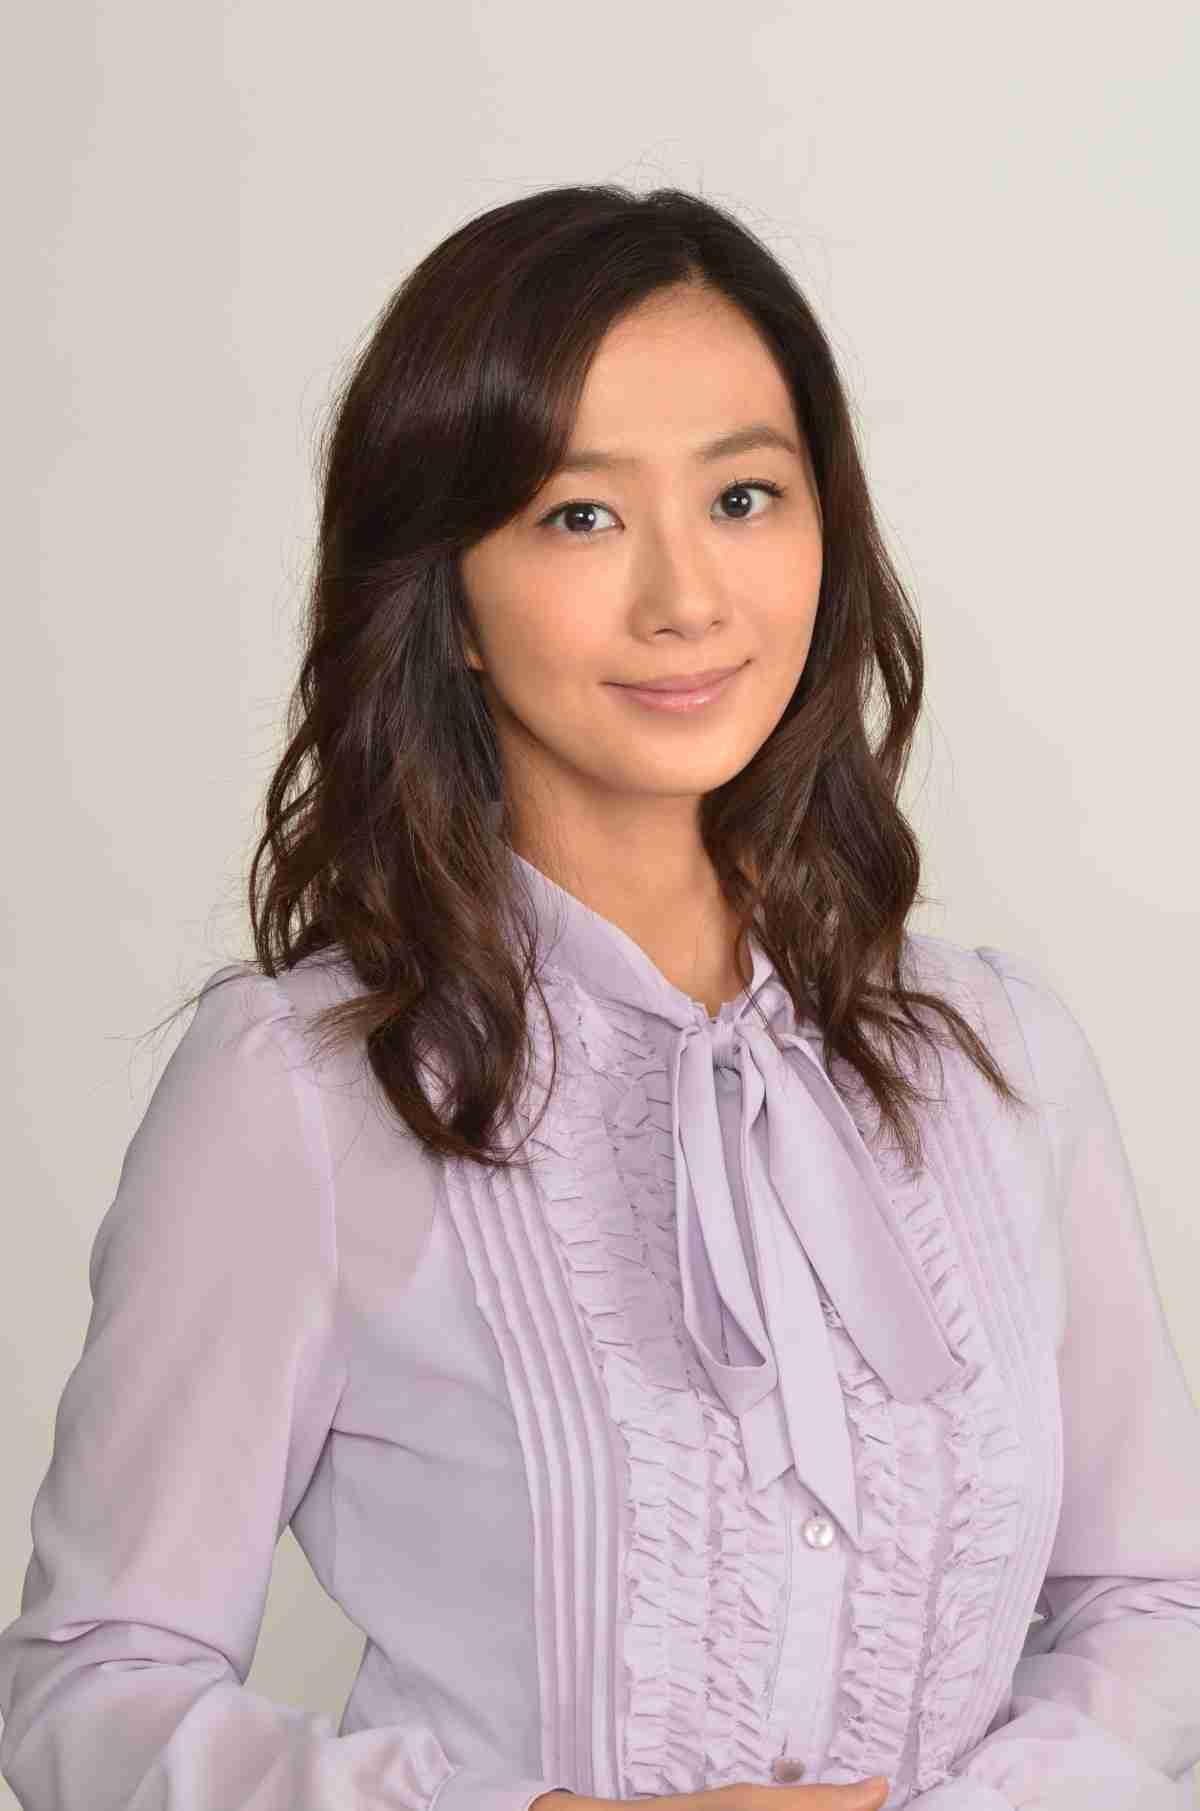 ... 美奈子先生役は優香 | ガールズの写真